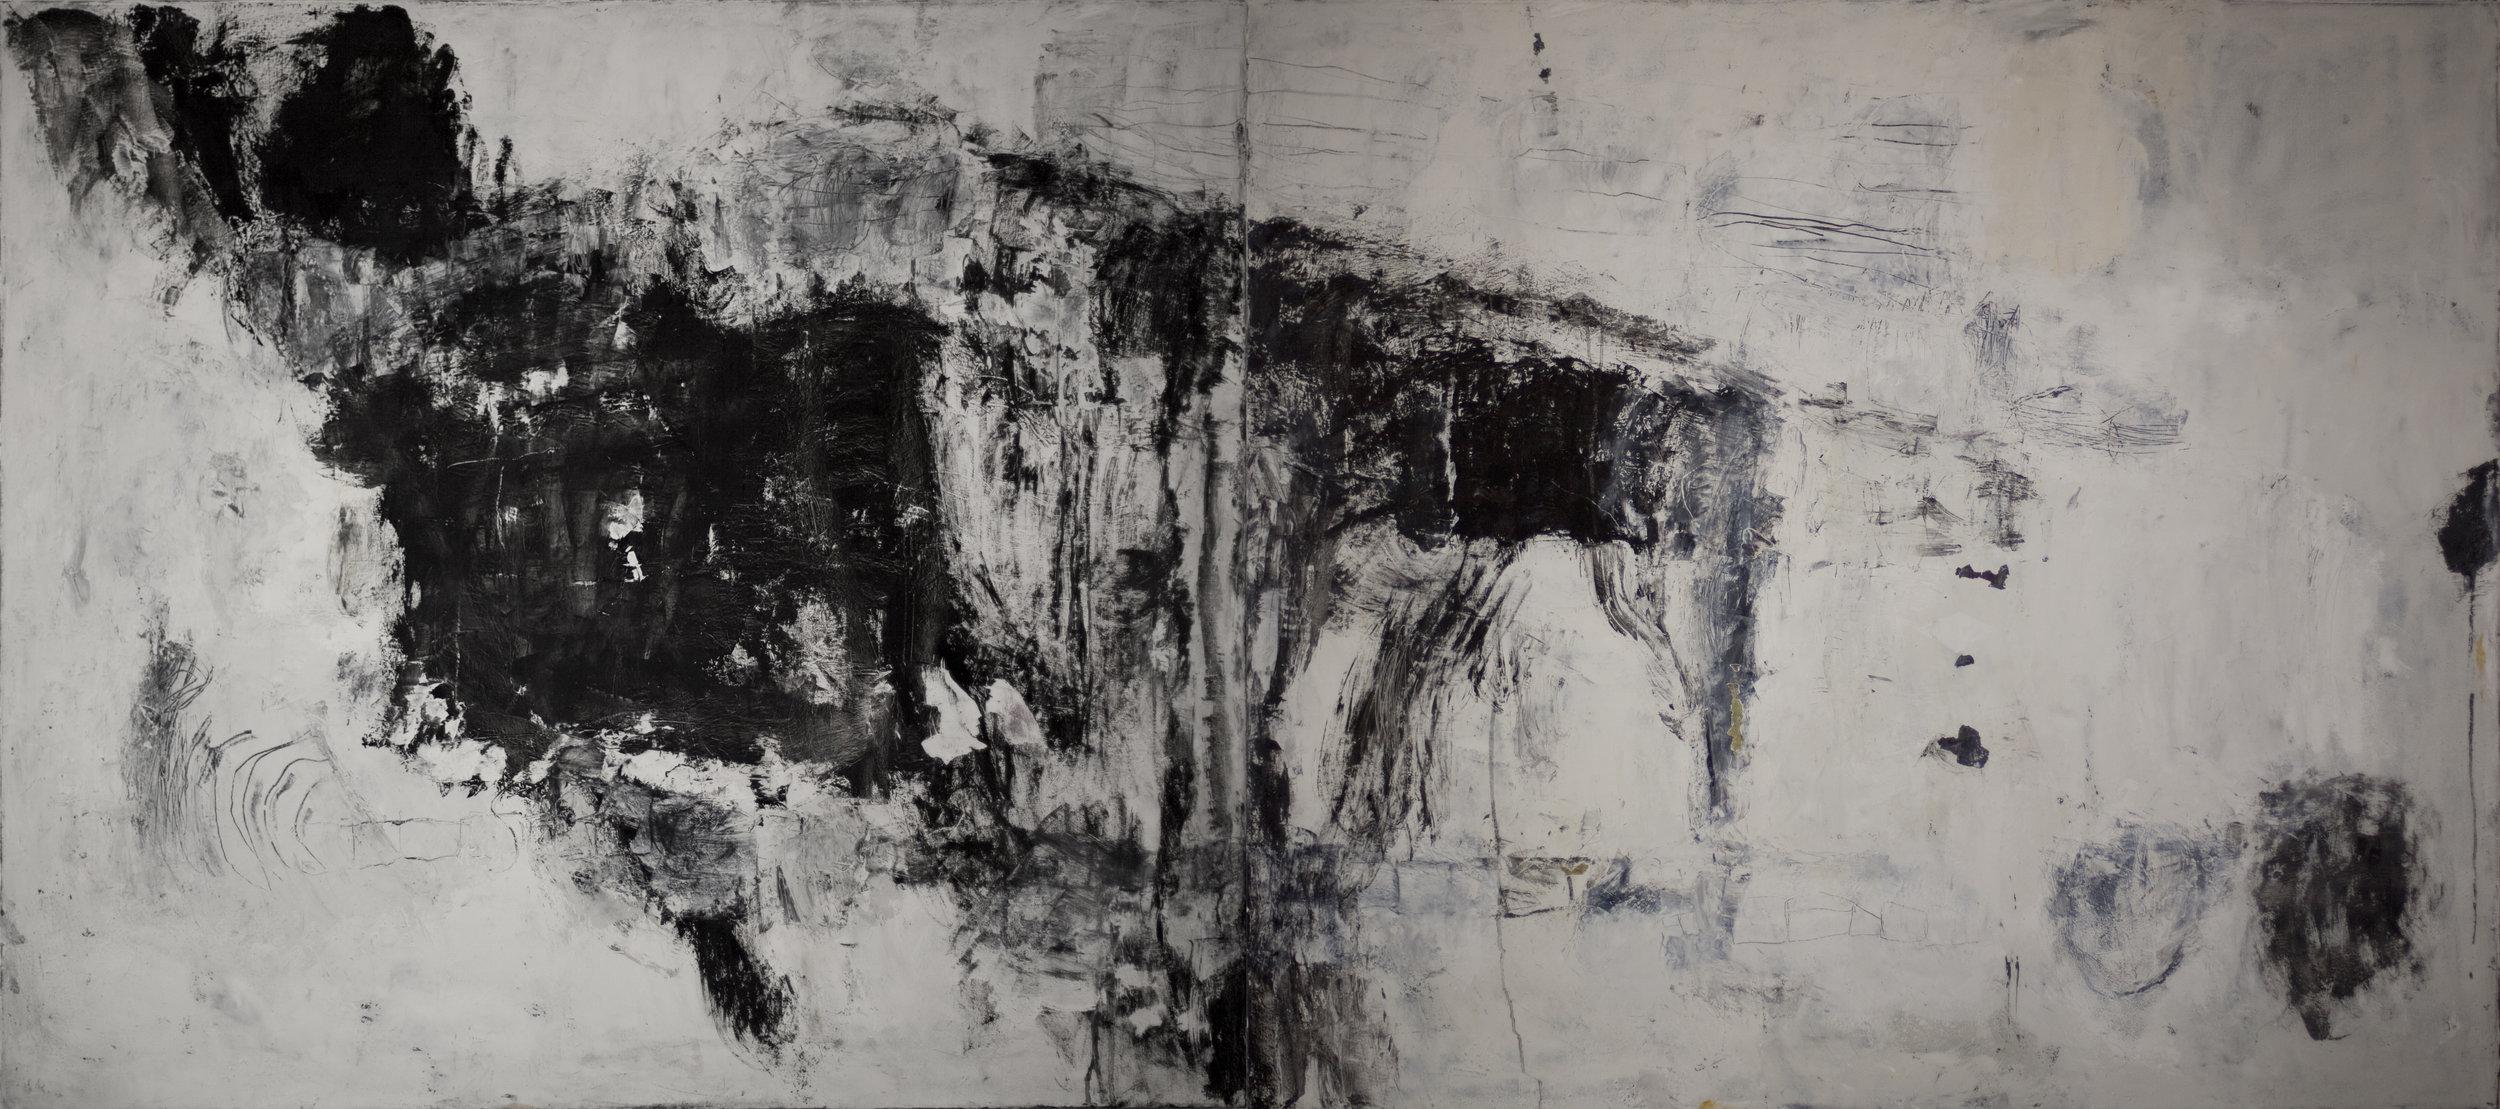 Break 48x100 in oil on canvas 2016